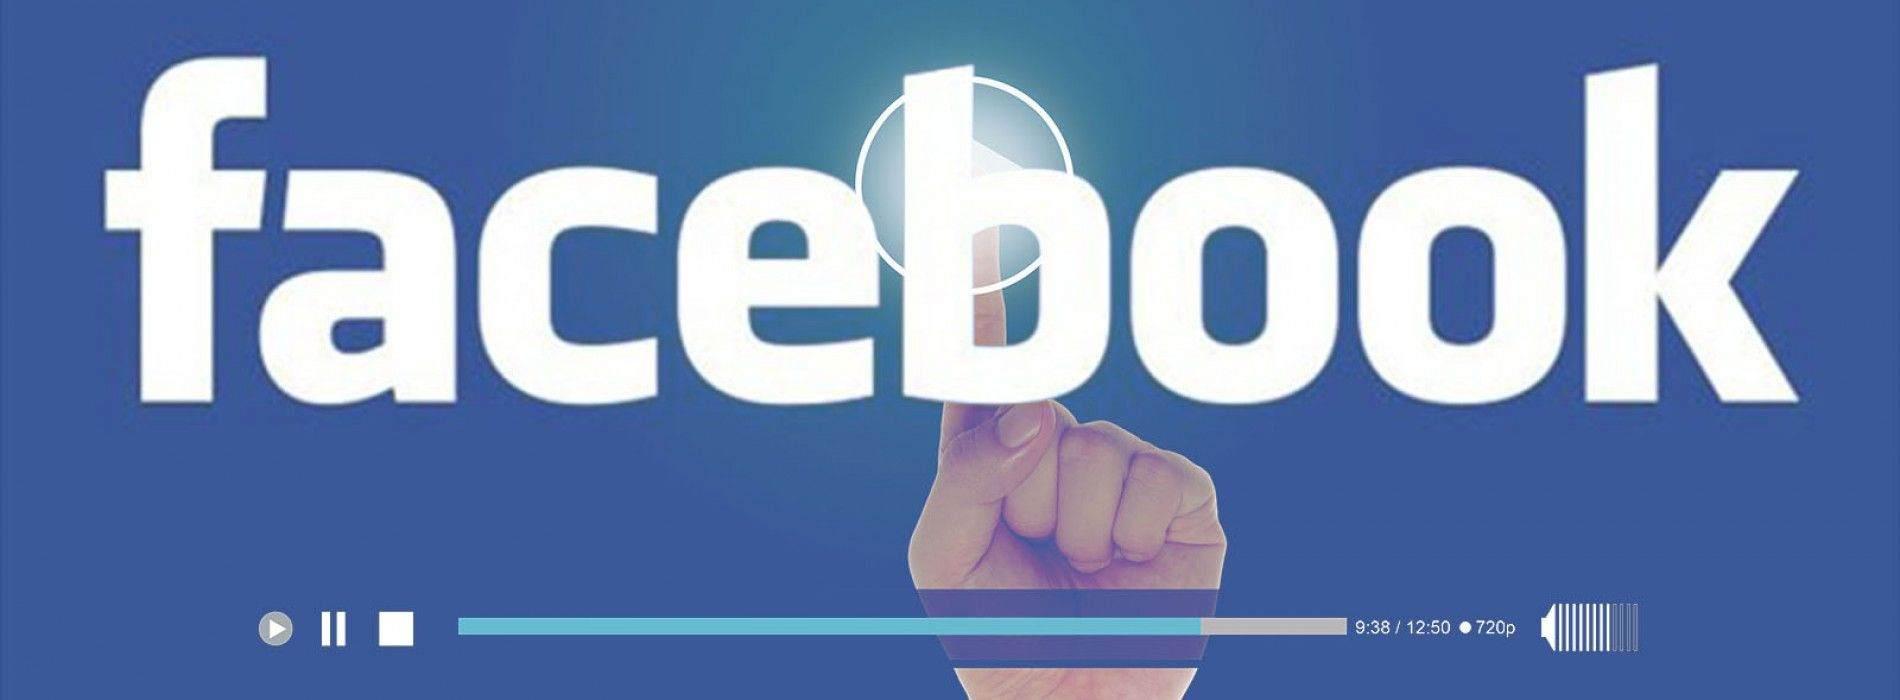 Facebooktan Video Nasıl İndirilir